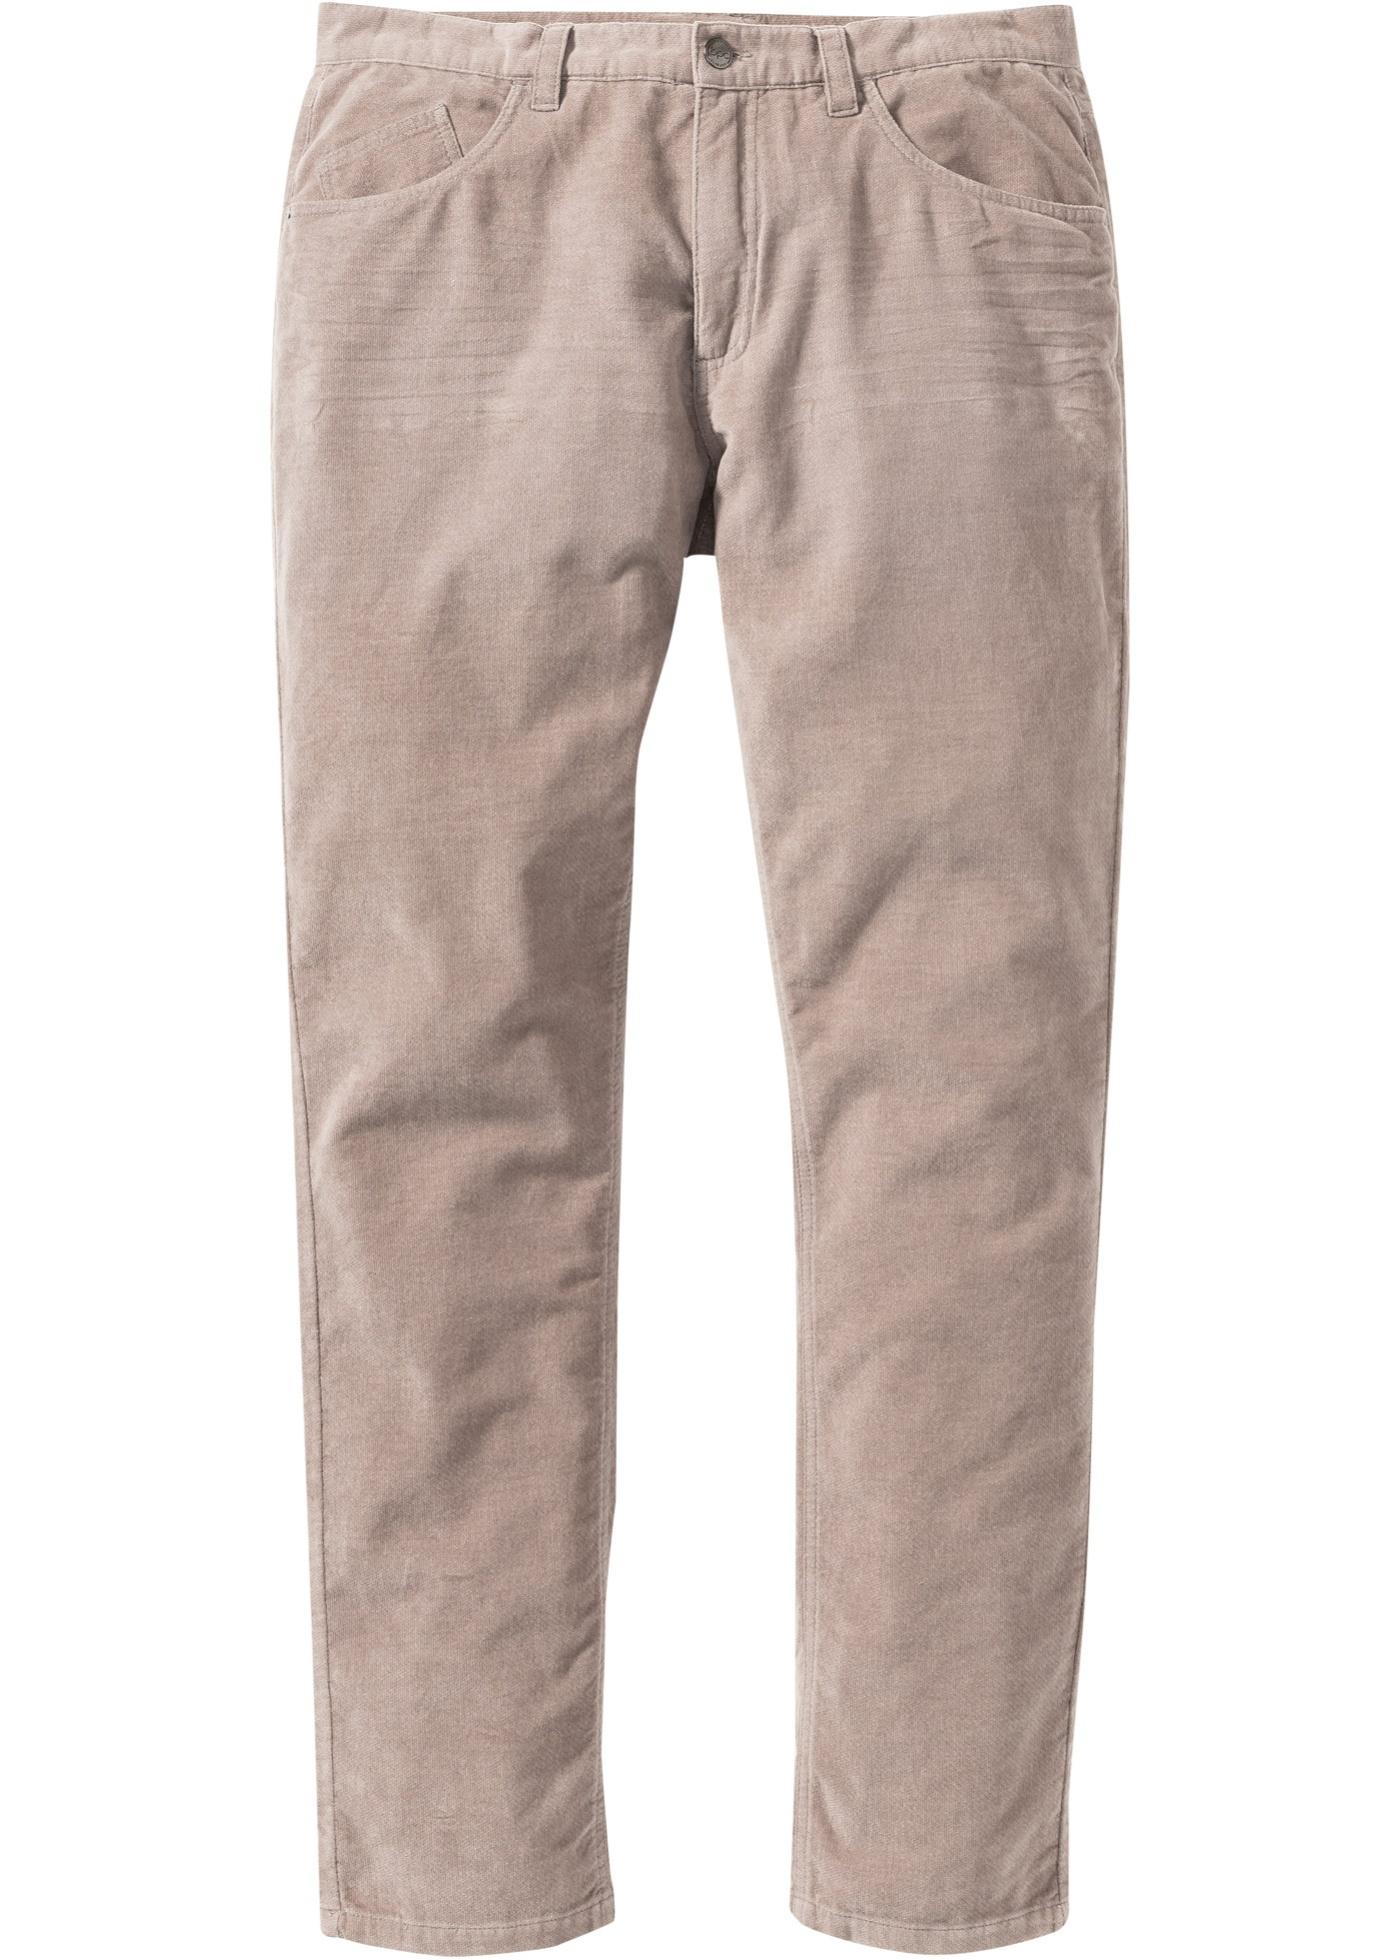 Pantalone 5 tasche in vel